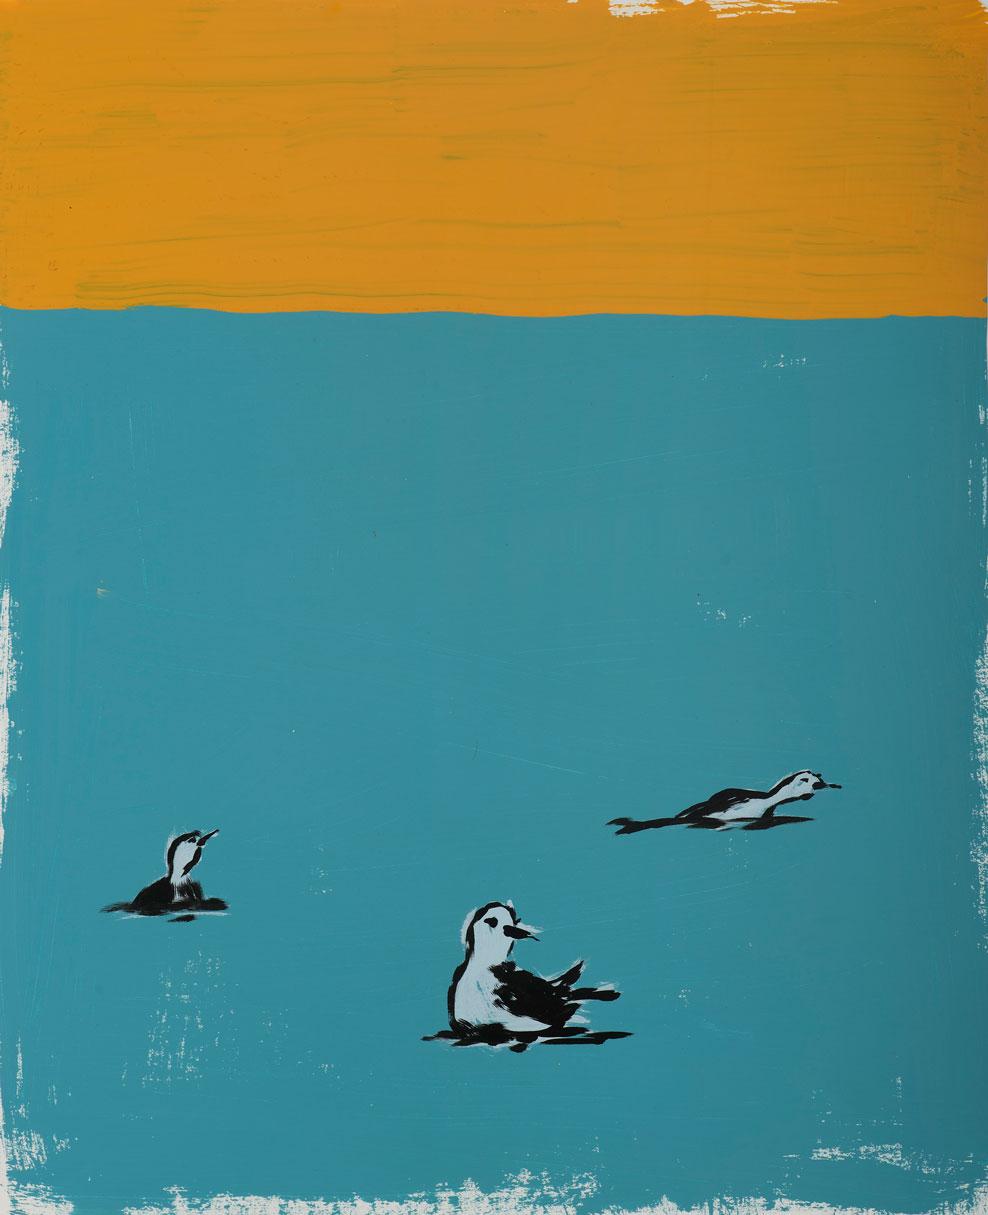 Russ Pope, Bird bros, 2016, acrylic on paper, 56x46 cm